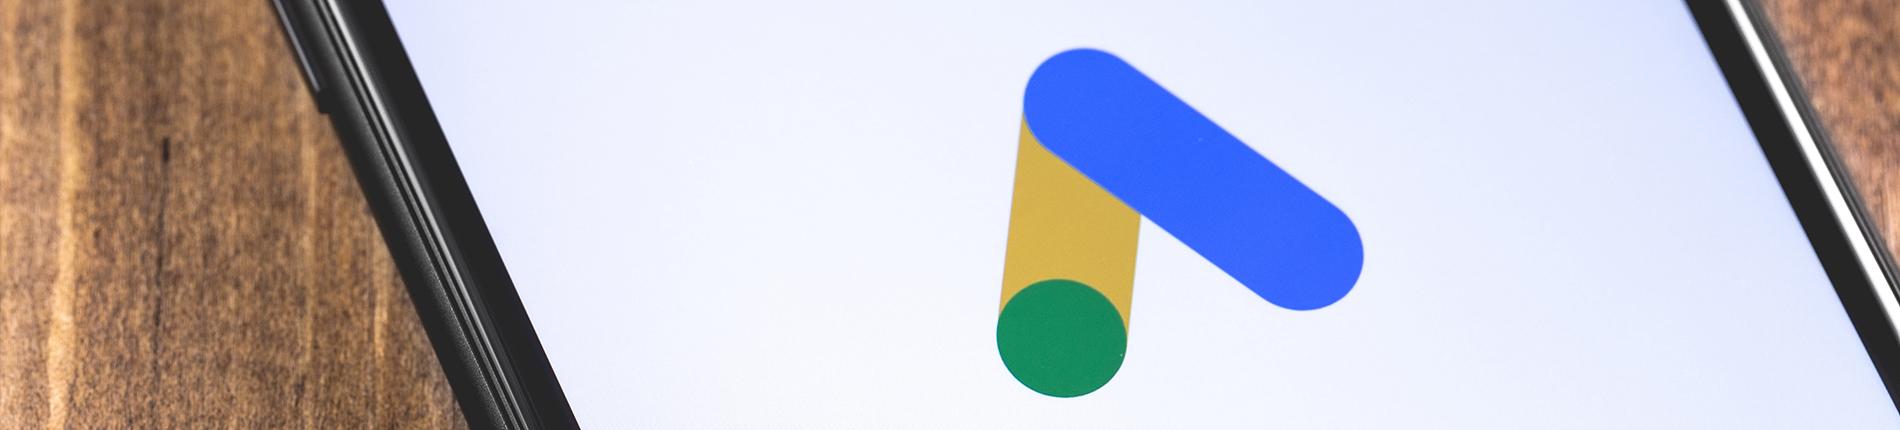 Suchmaschinewerbung Google Ads Agentur München